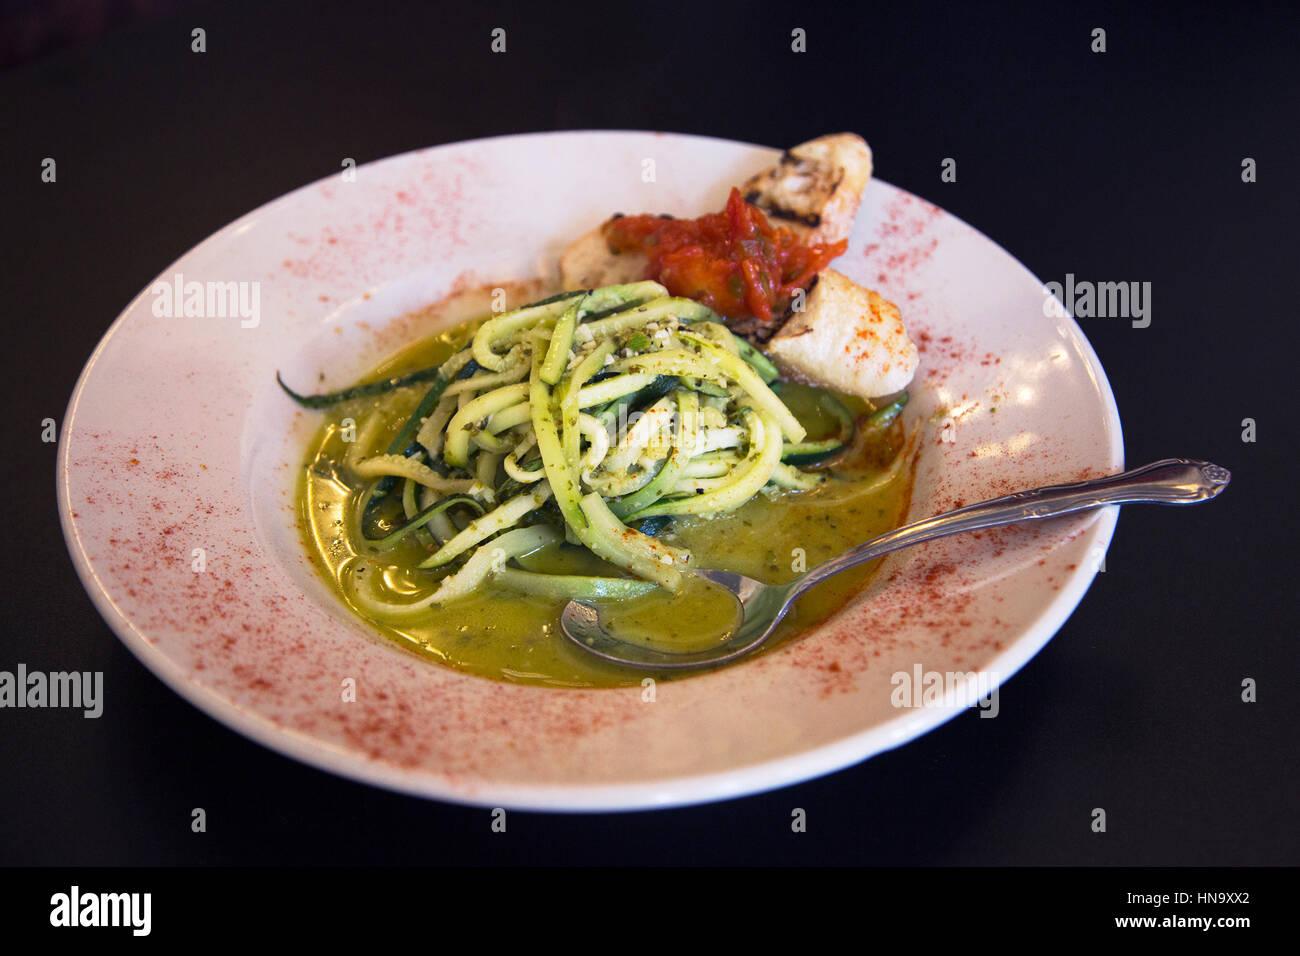 Vegane Mahlzeit: Bänder von Kürbis und Zucchini, Chardonnay-Sauce mit Knoblauch, Zitrone und Kräutern Stockbild